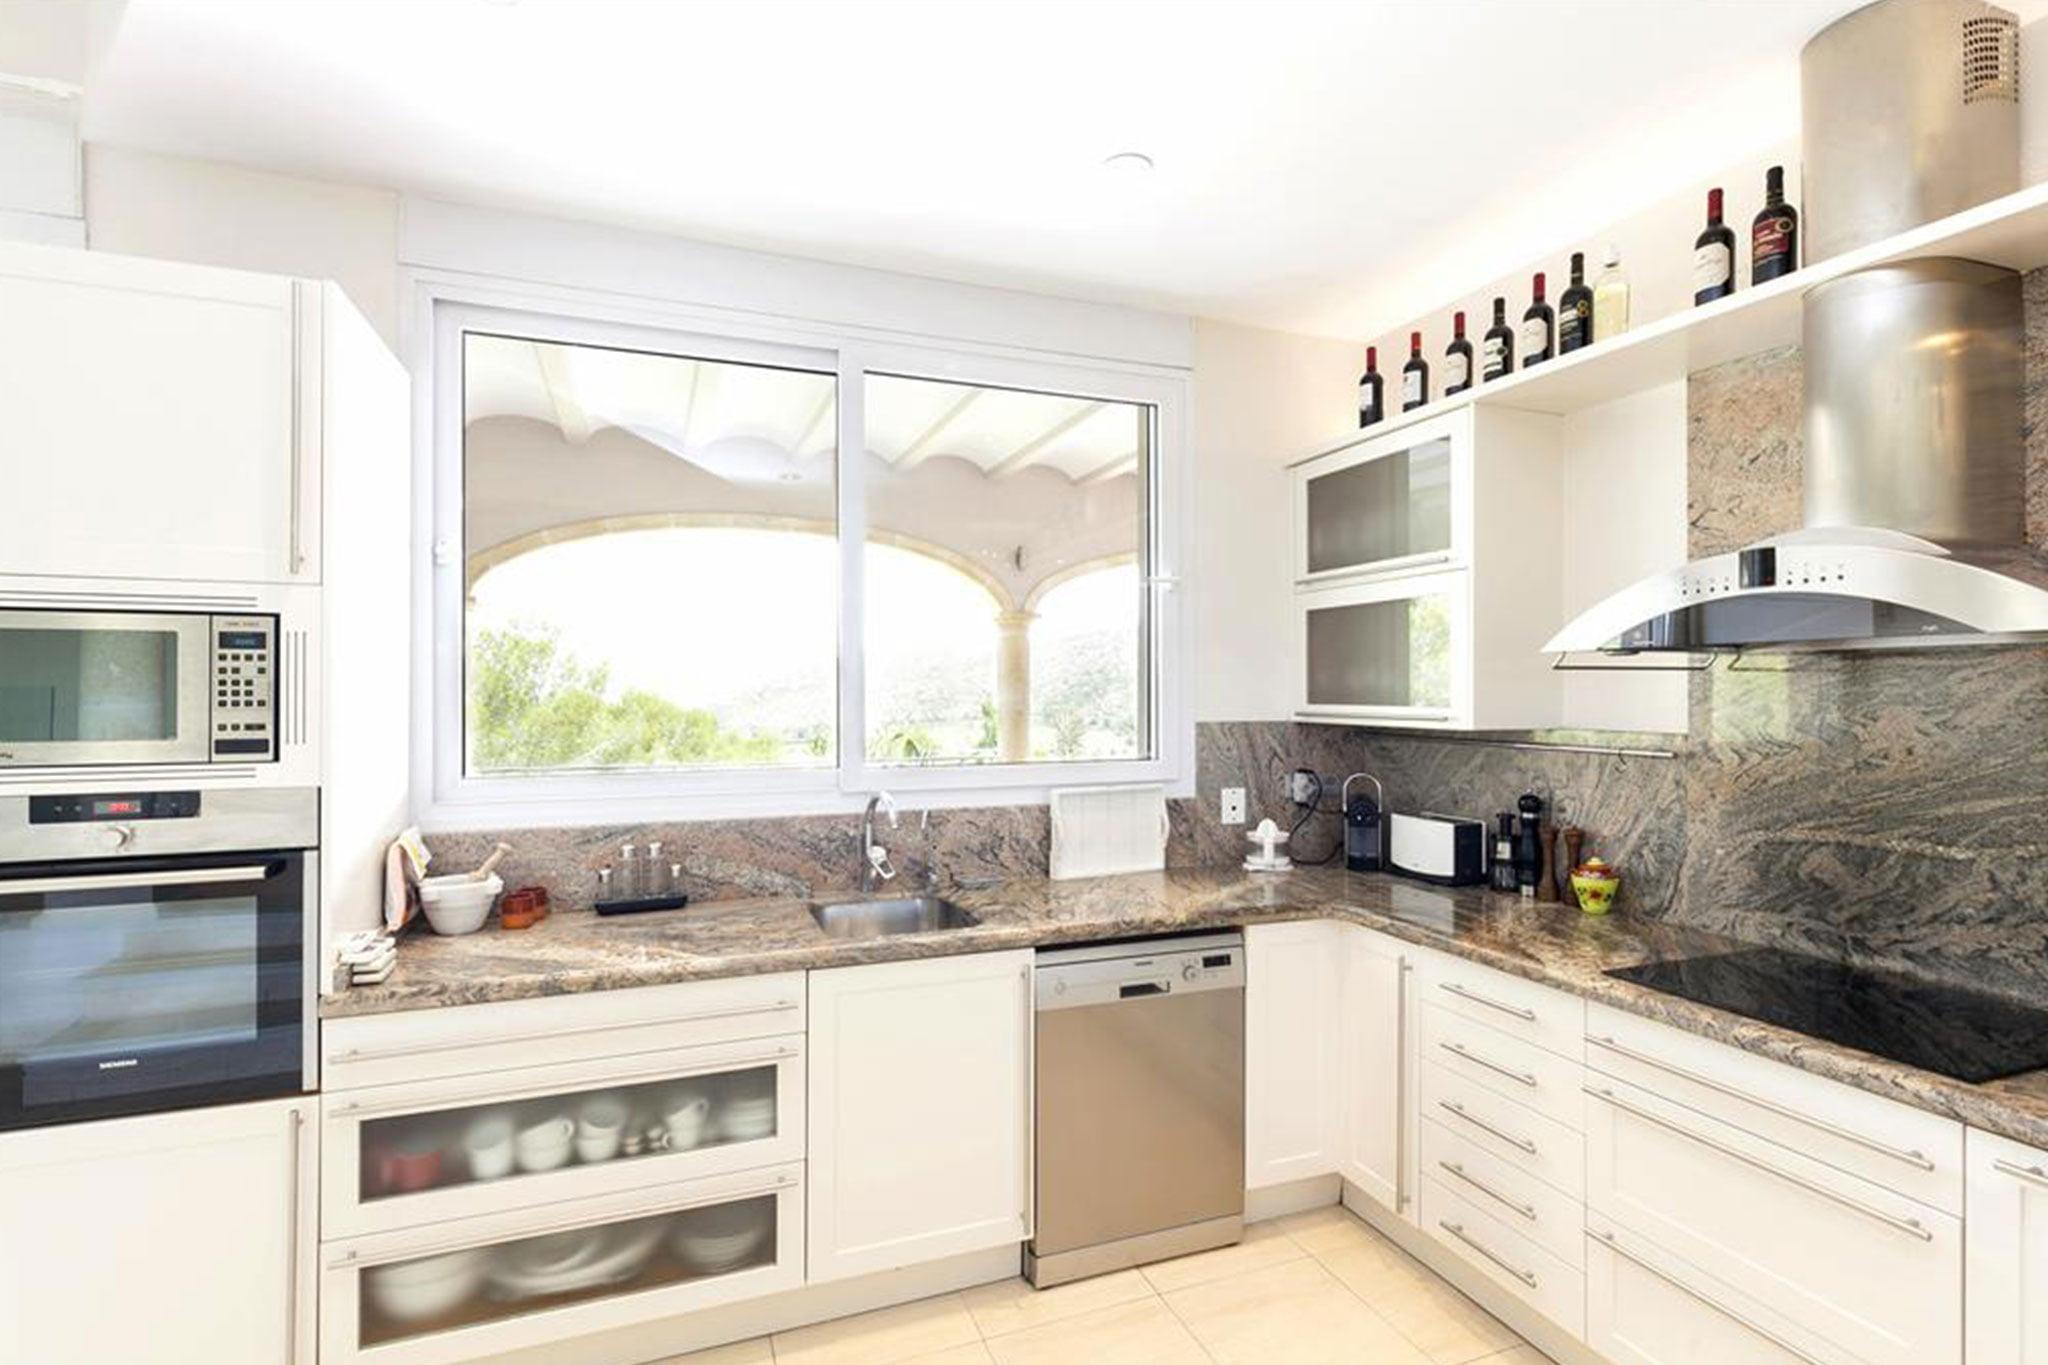 Cocina de una villa de vacaciones con capacidad para ocho personas – Quality Rent a Villa